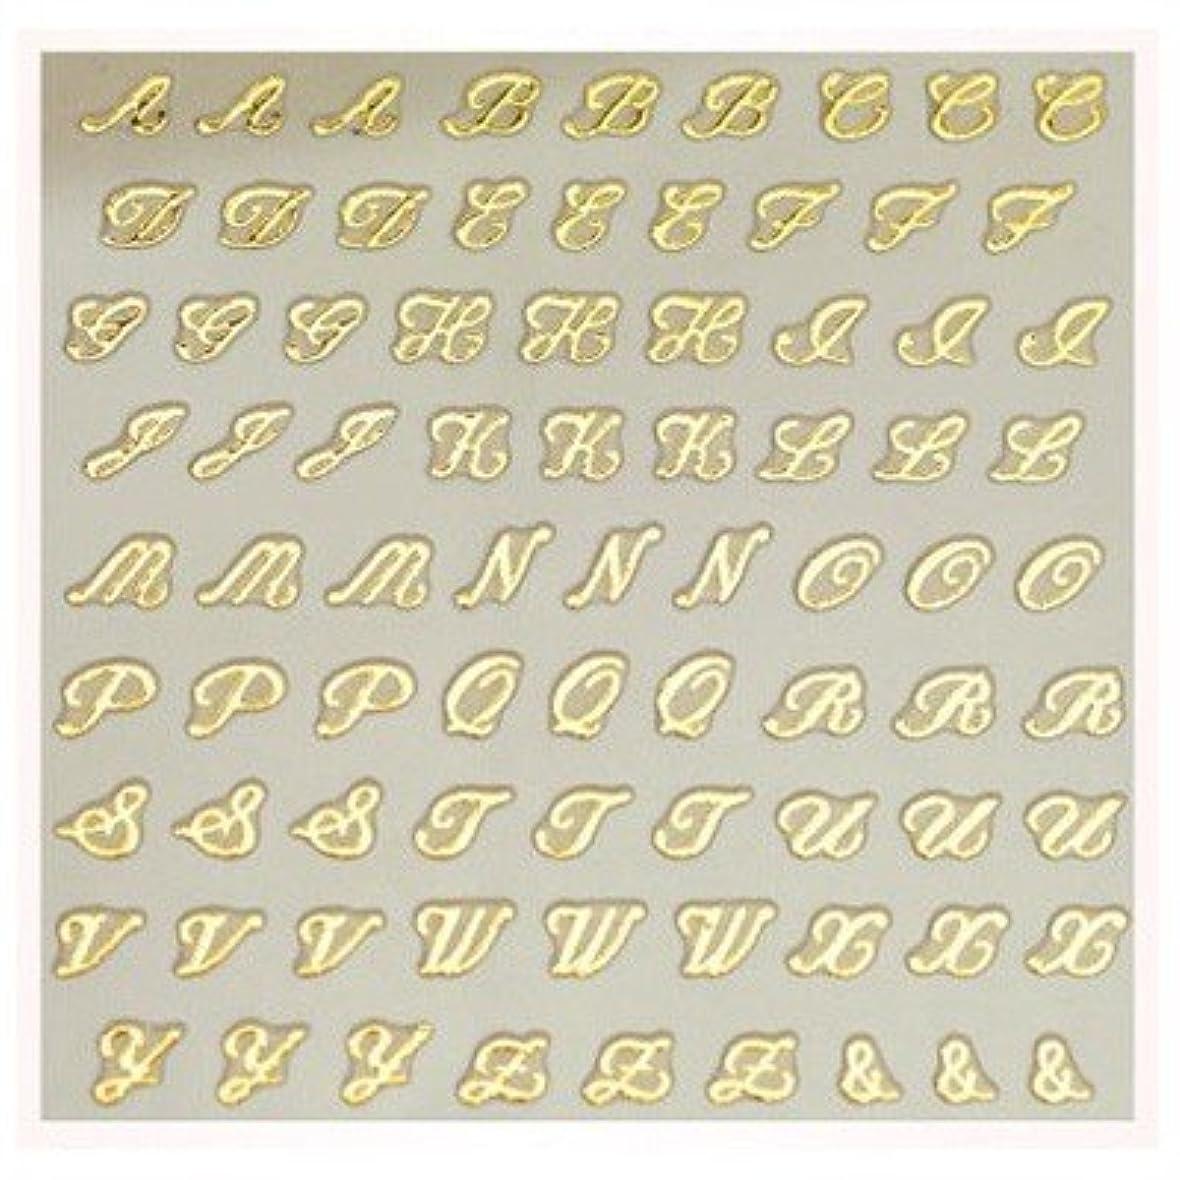 簡単なそれにもかかわらず教文字ネイルシール アルファベット イニシャル ピアドラ pieadra×BLC ネイルシール ブローチイニシャル 小 ゴールド